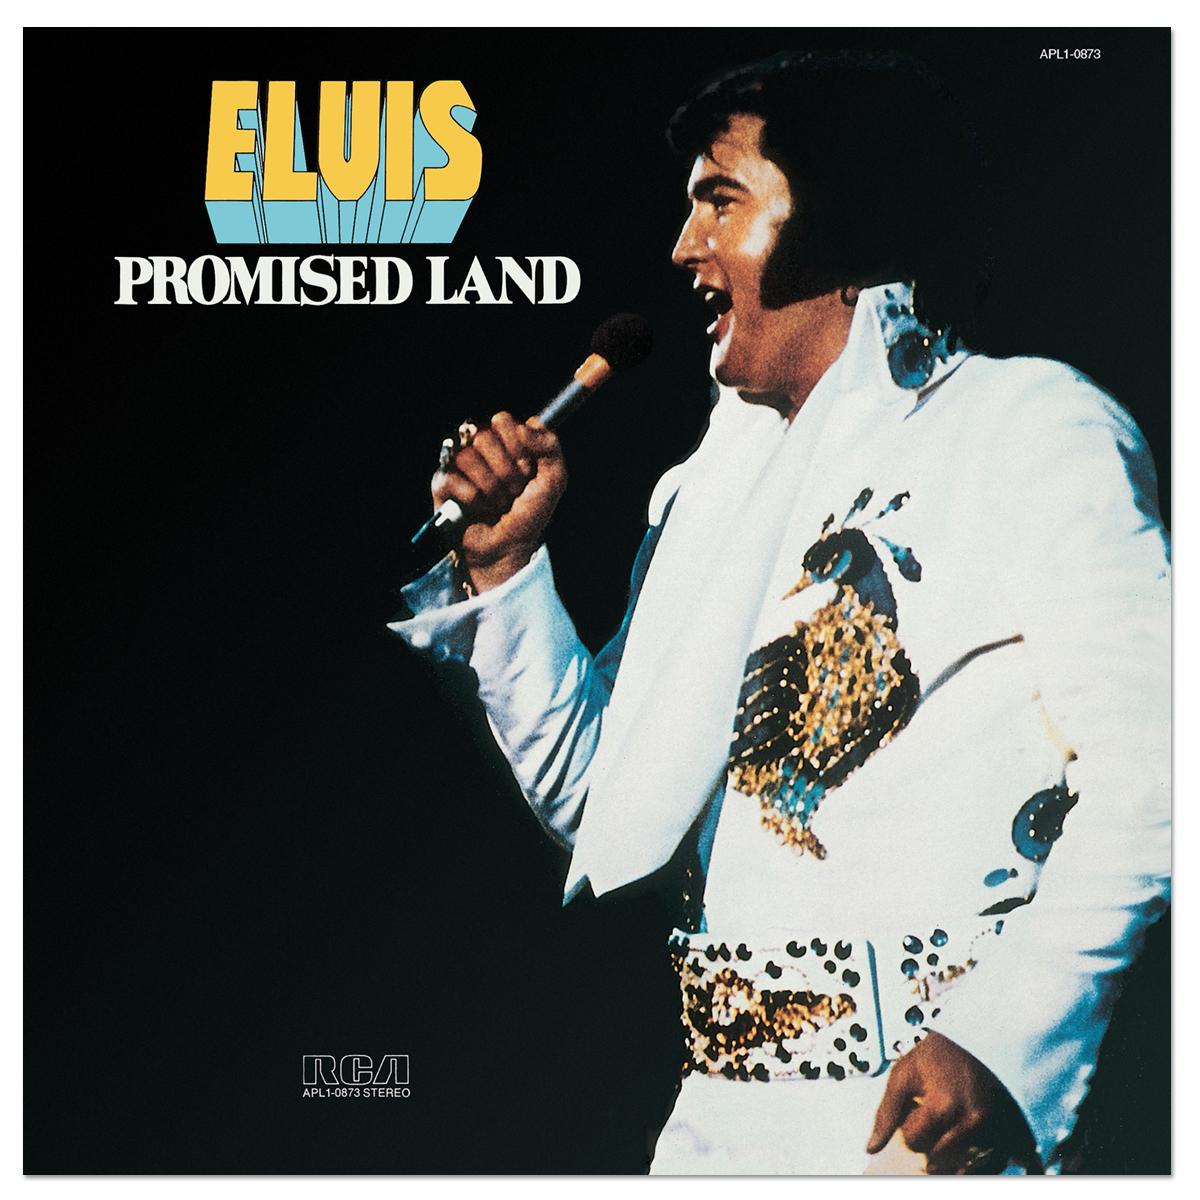 Elvis Promised Land FTD CD